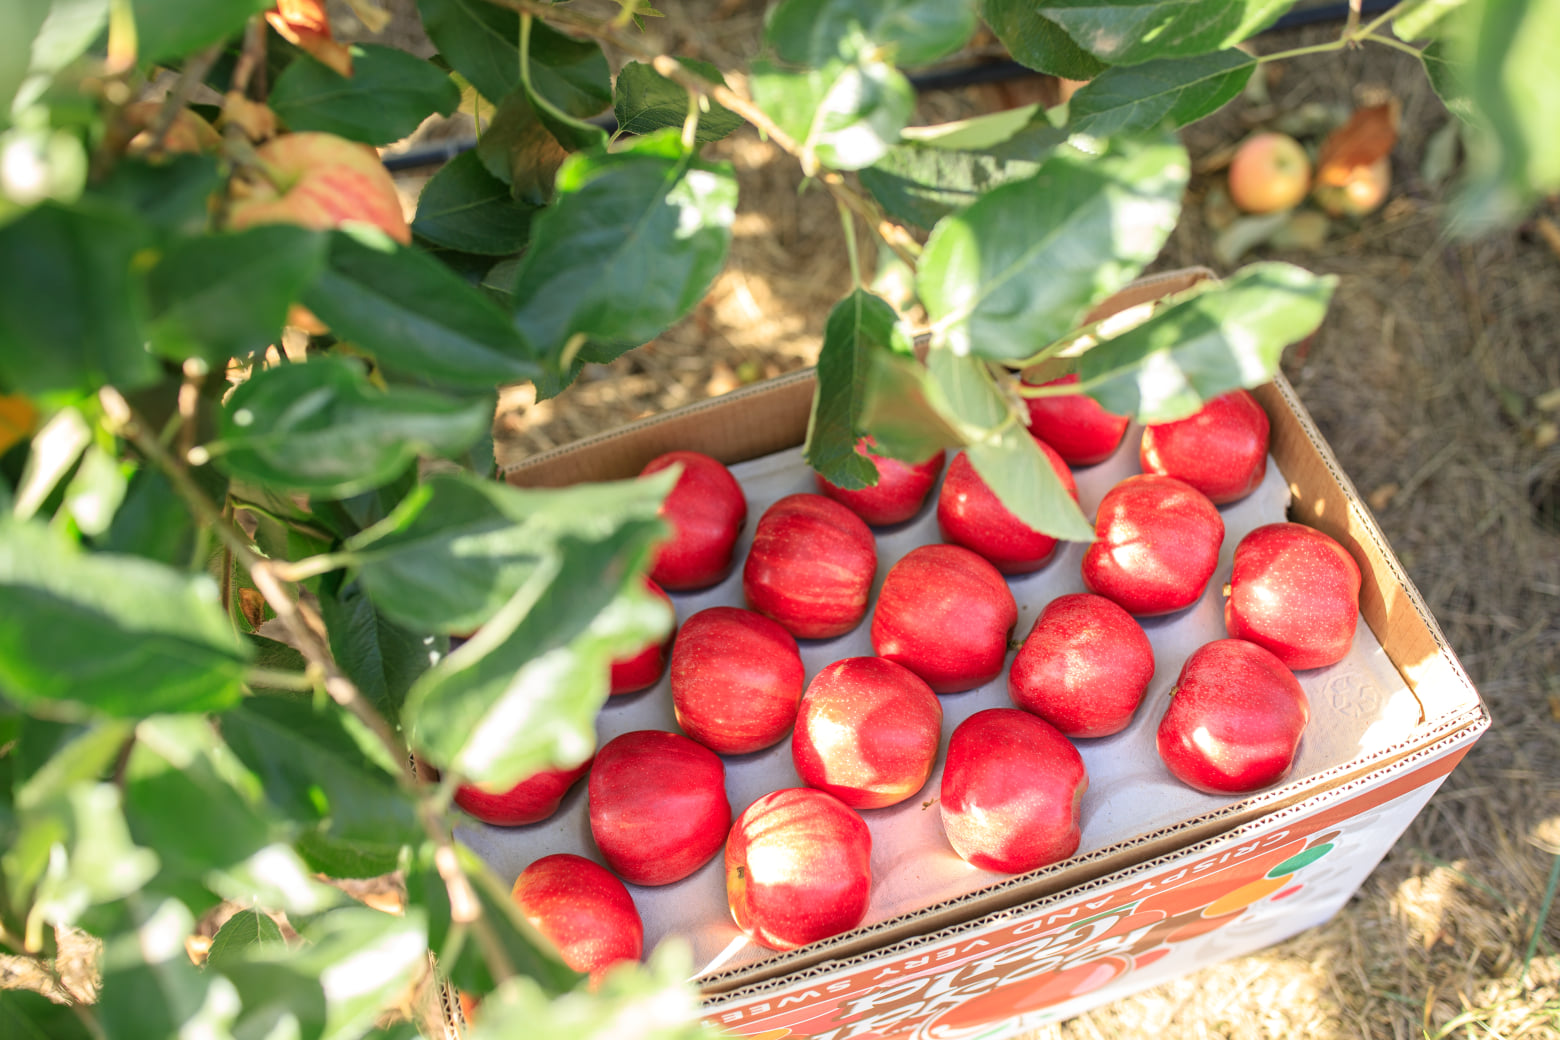 Компанія «Сади Дніпра» впроваджує технологію інтелектуального сортування яблук